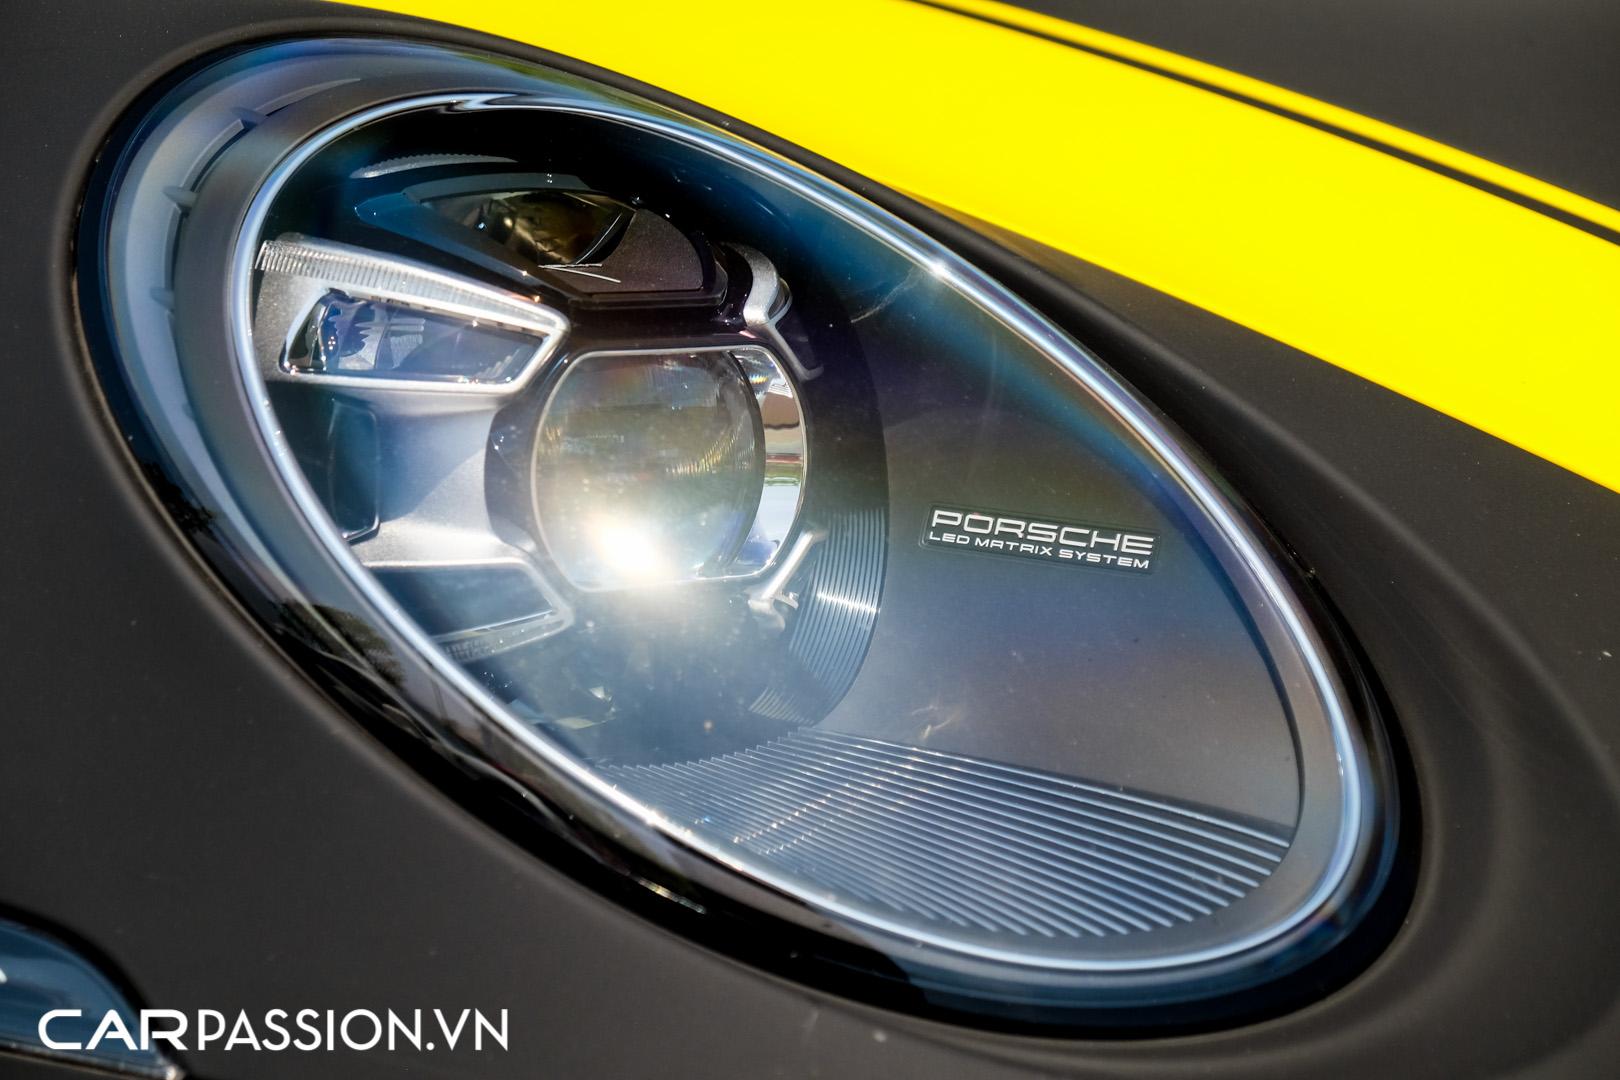 Porsche 911 của vợ chồng YouTuber (7).JPG